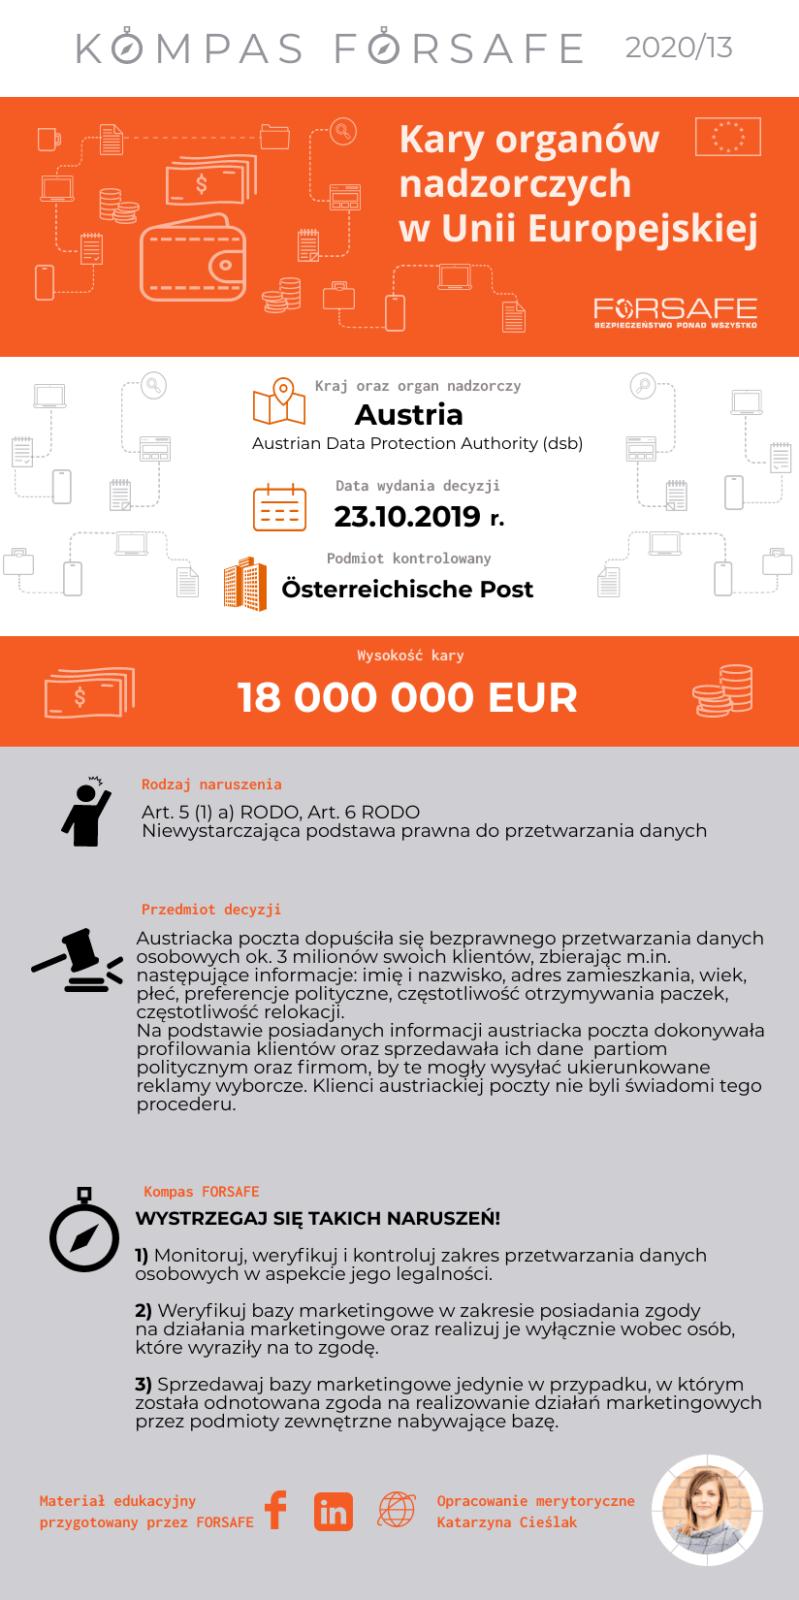 Kompas FORSAFE EU 2020 13 KOMPAS FORSAFE EU 2020/13 - Kara dla Austriackiej Poczty